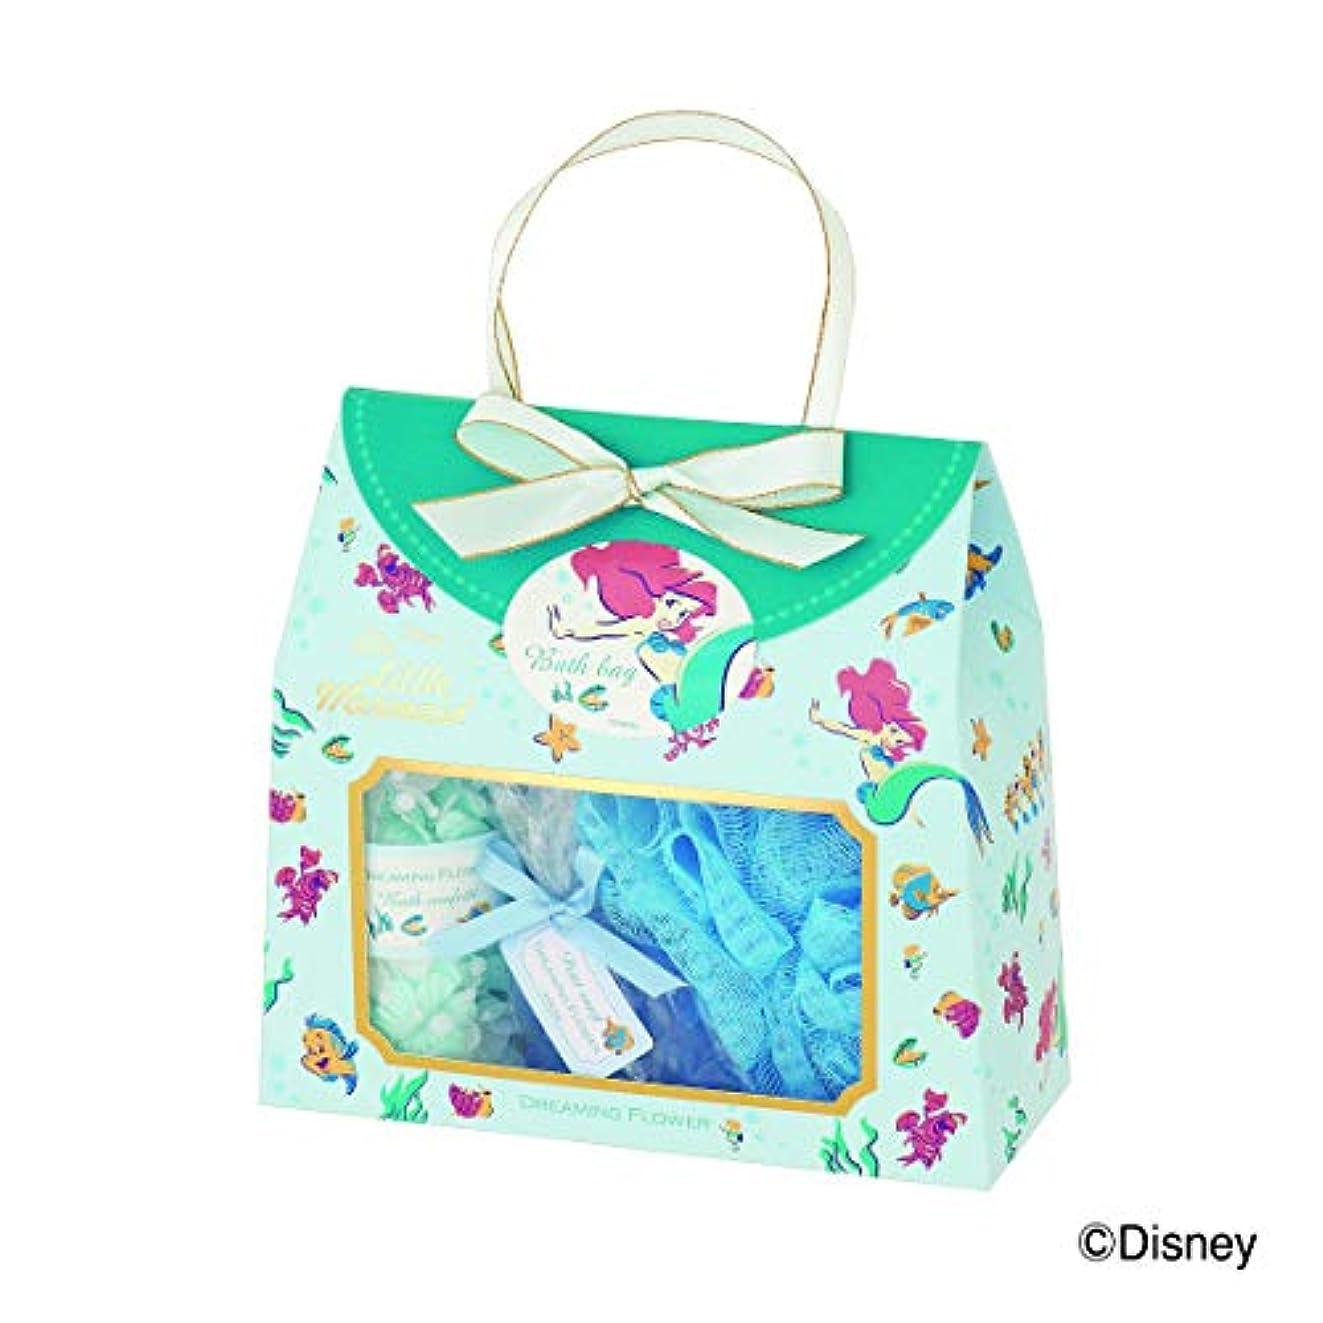 ディズニーフレグランスコレクション バスバッグト5点セット アリエル ドリーミングフラワー(透明感のあるムスクの香り)